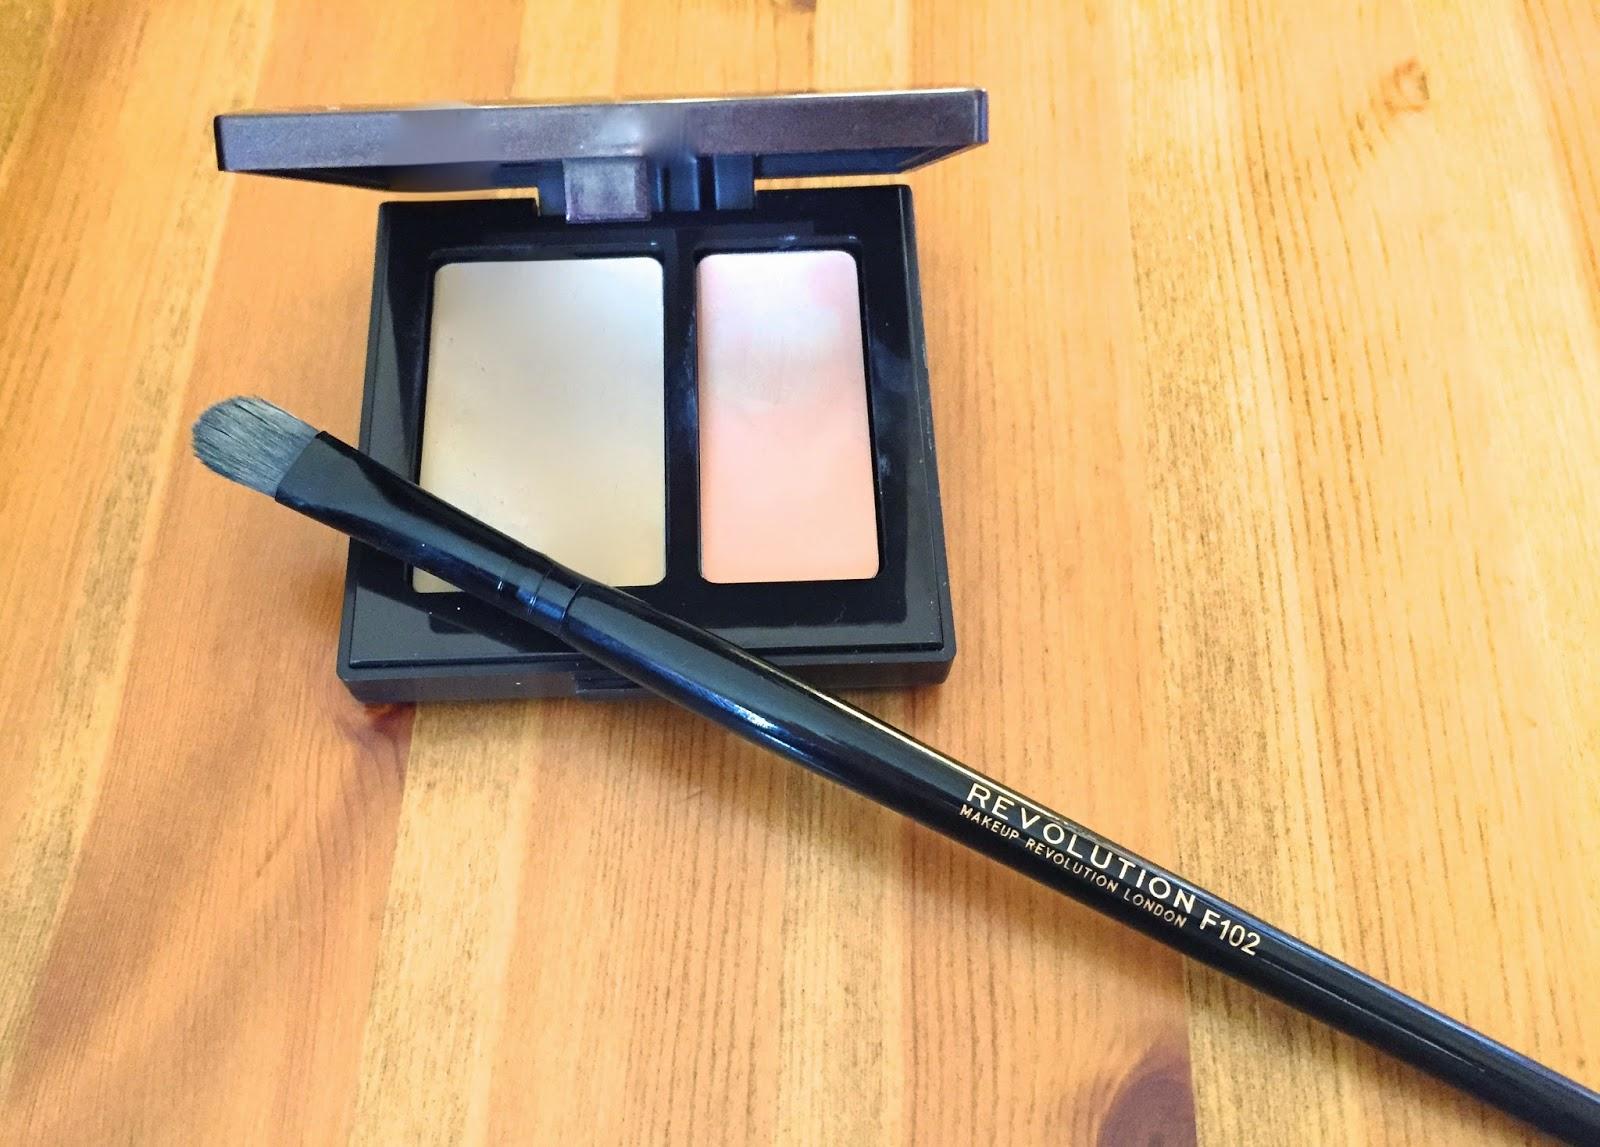 laura mercier, makeup revolution, concealer, secret camouflage, concealer brush, f102